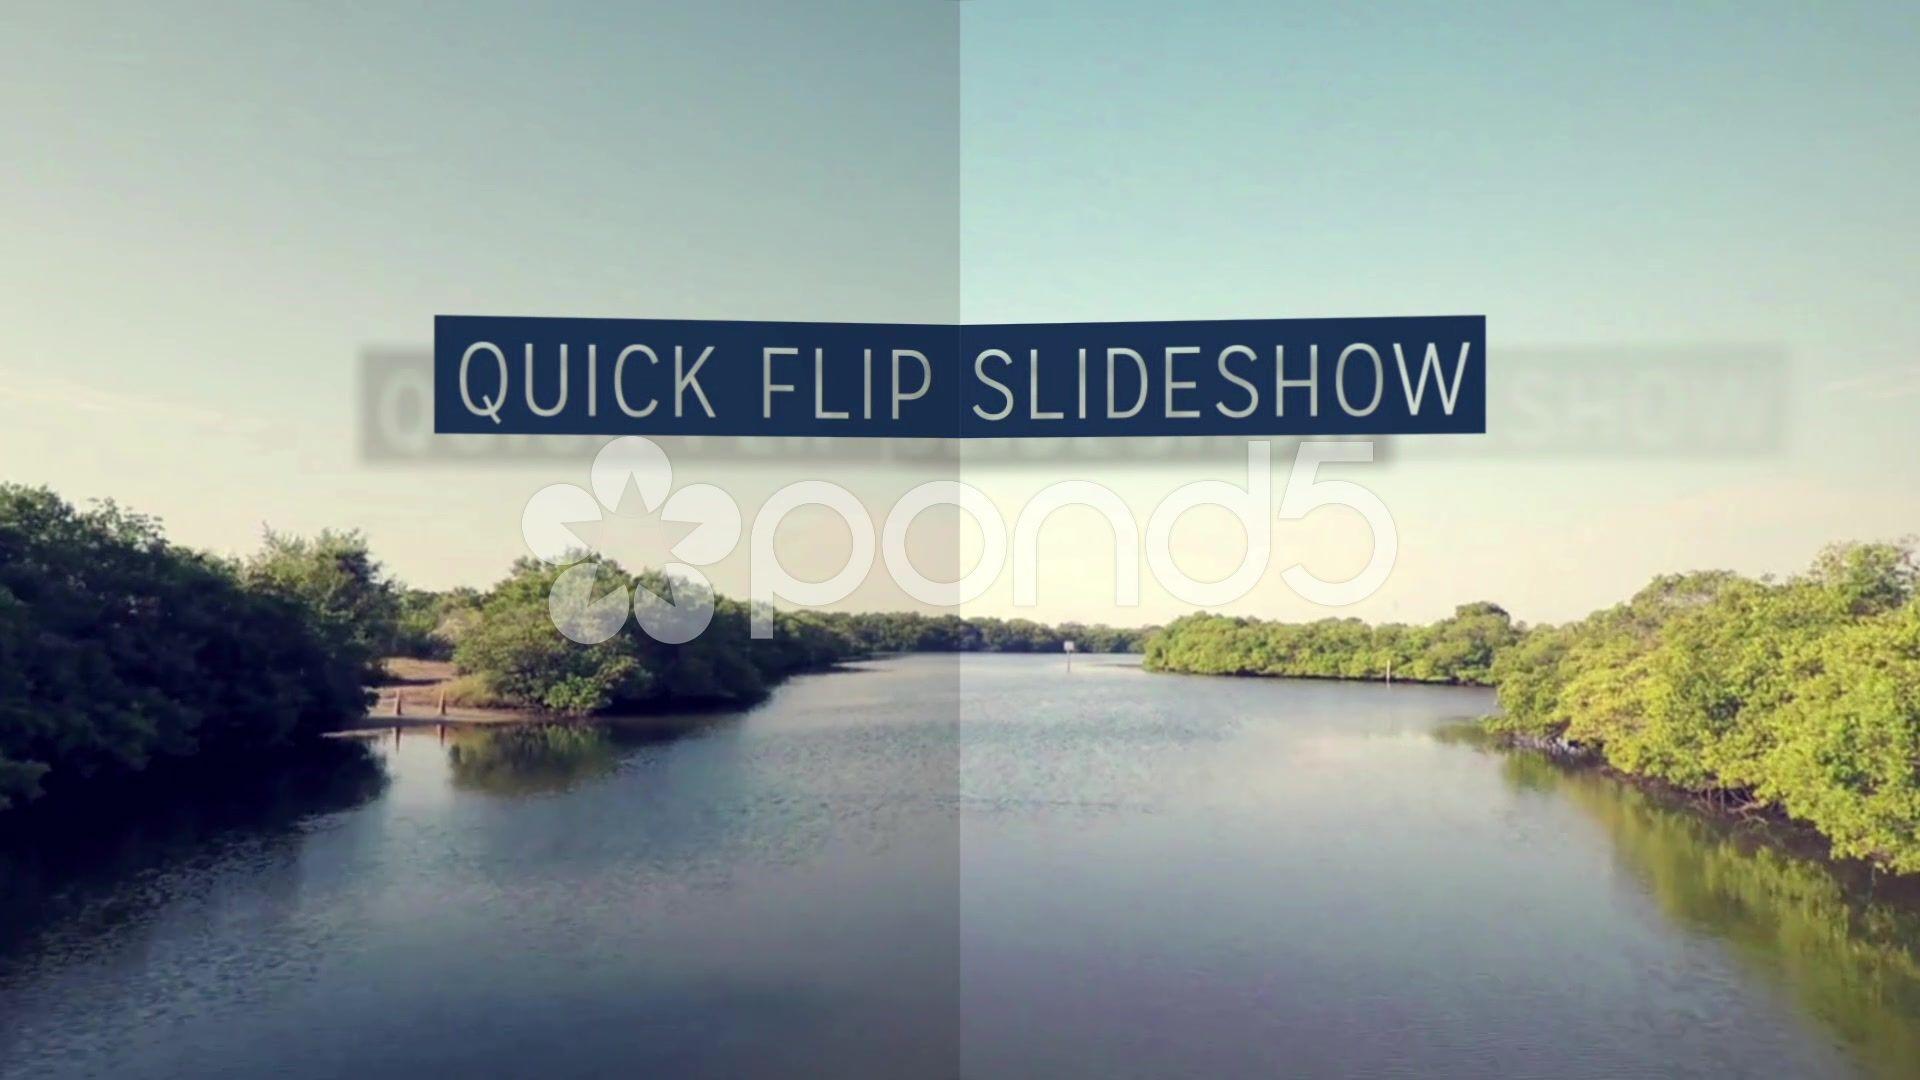 Flipping slideshow template stock after effectsslideshowflipping flipping slideshow template stock after effectsslideshowflippingtemplate effects maxwellsz